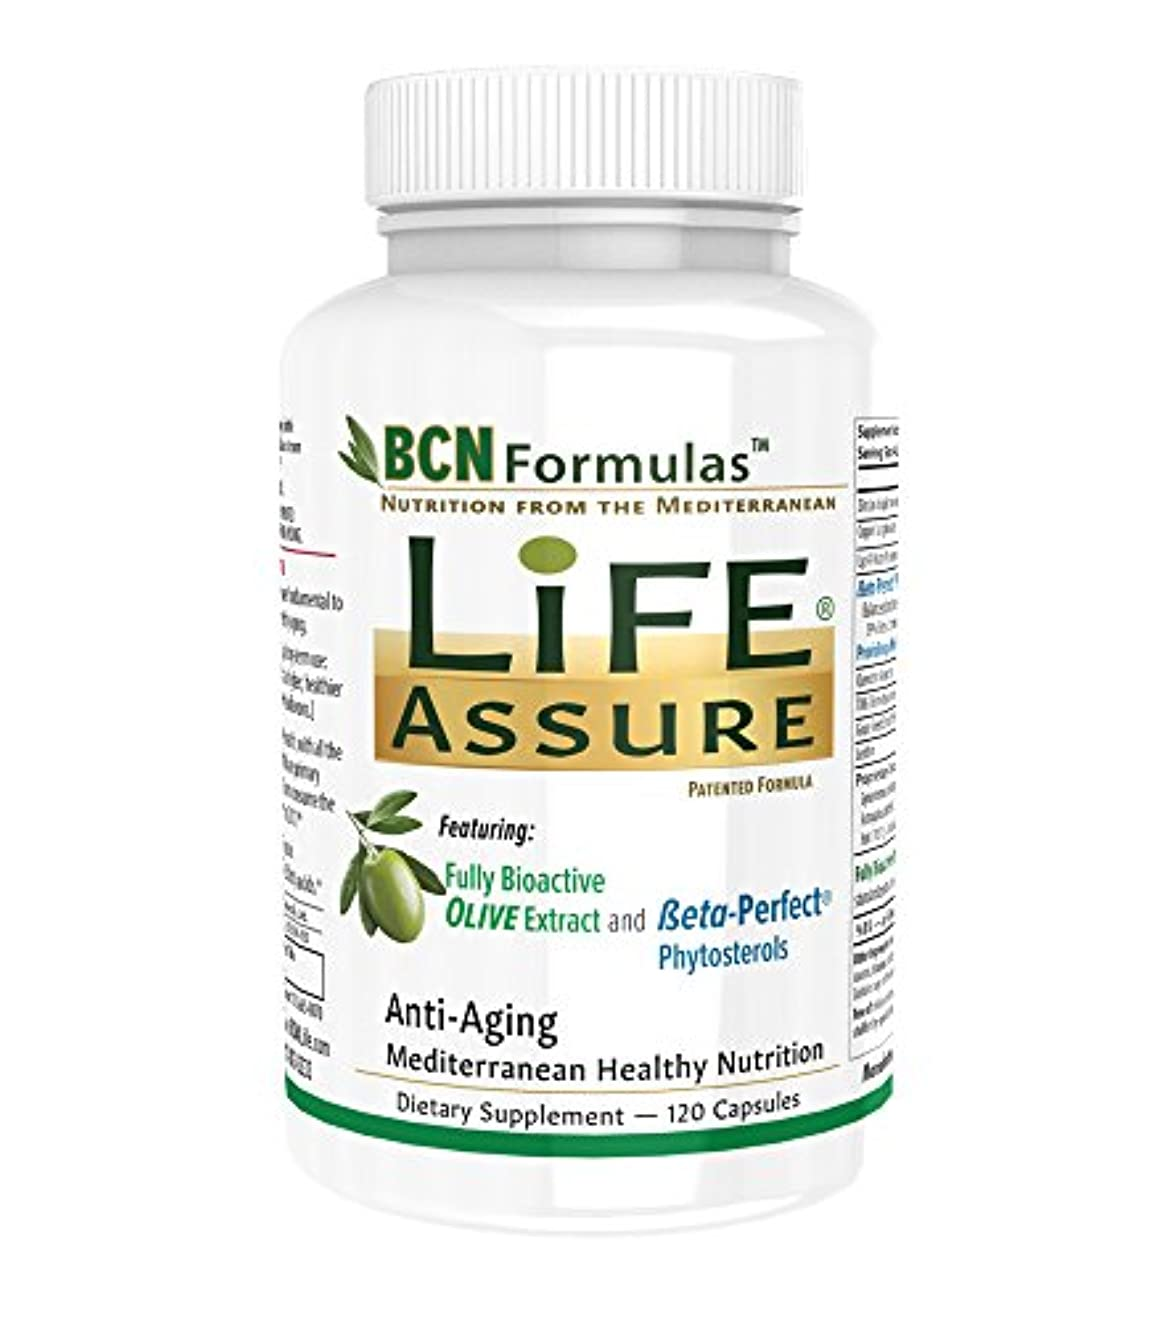 ブロー爪作動するBCN Formulas Life Assure アンチ エイジング フォーミュラ(120カプセル)